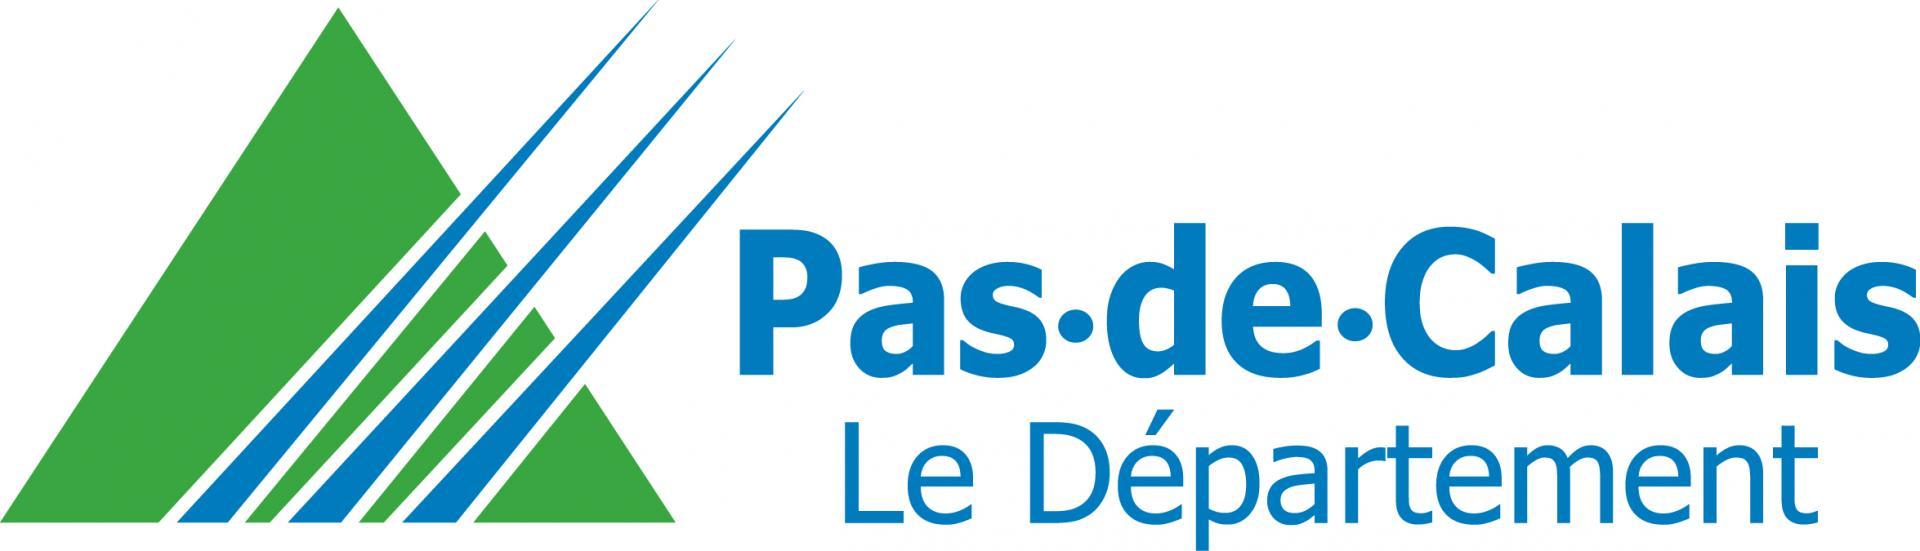 Logo 62 pas de calais